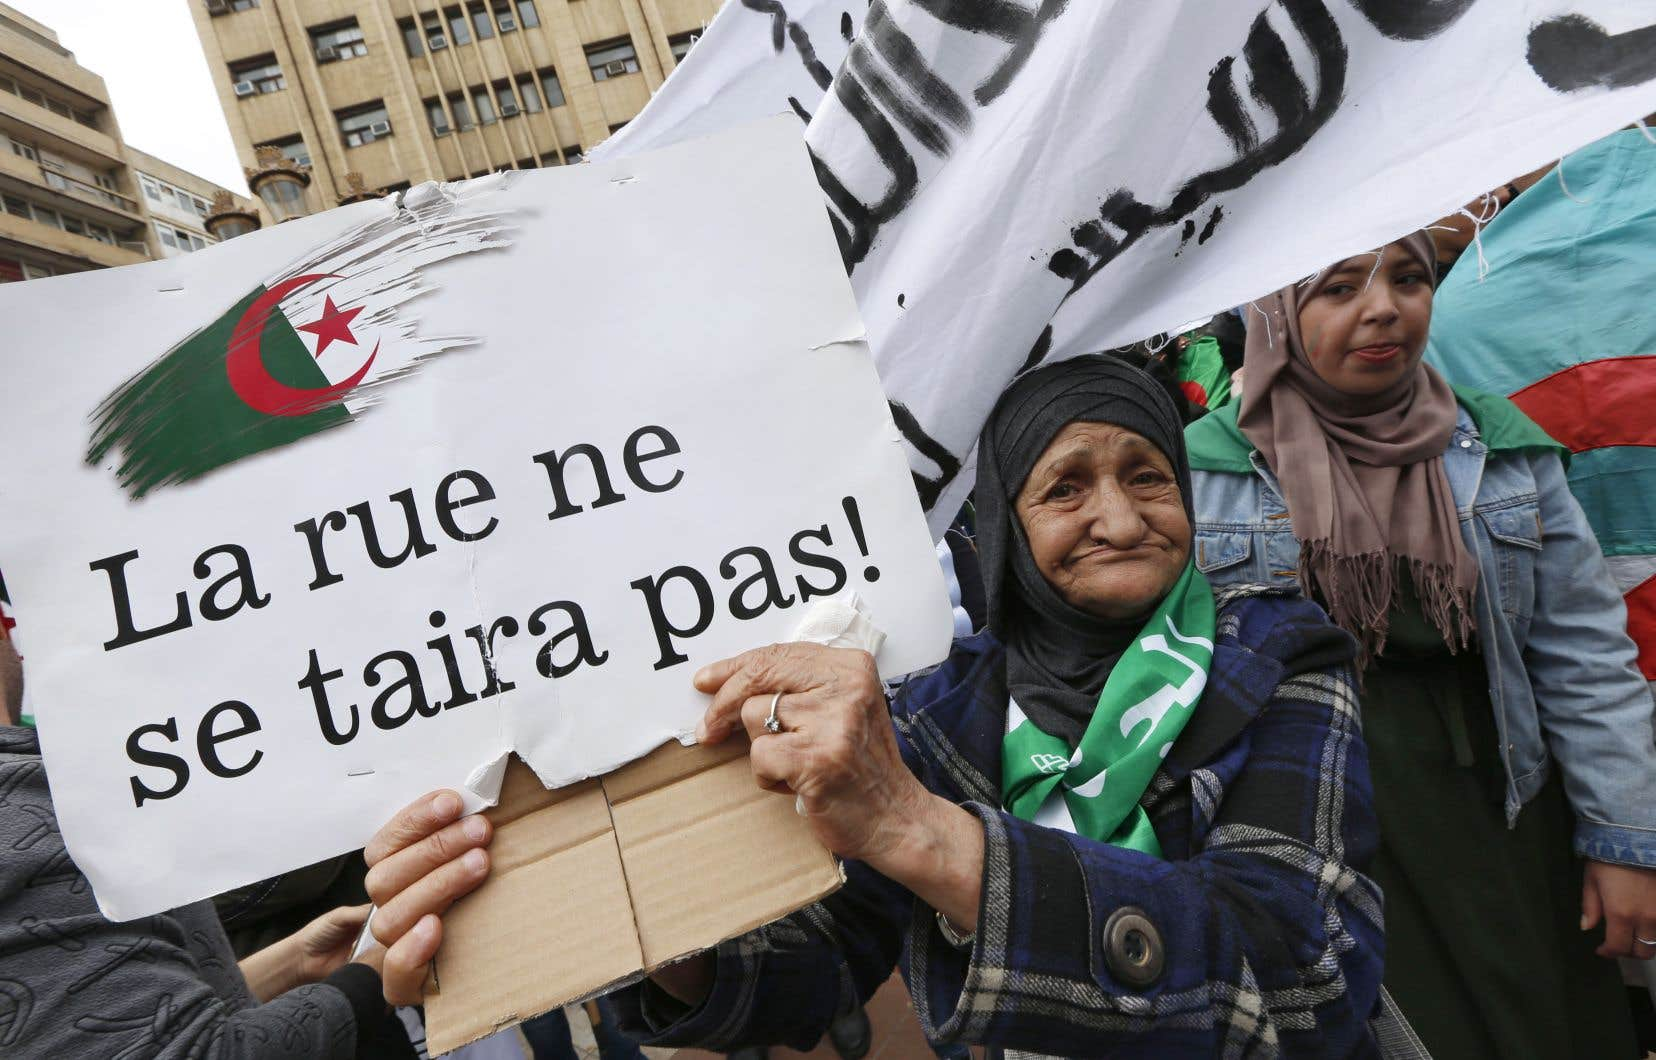 En Algérie comme au Soudan, des dirigeants établis depuis des dizaines d'années ont été lâchés par l'armée, qui peut ainsi se changer d'amie en ennemie.